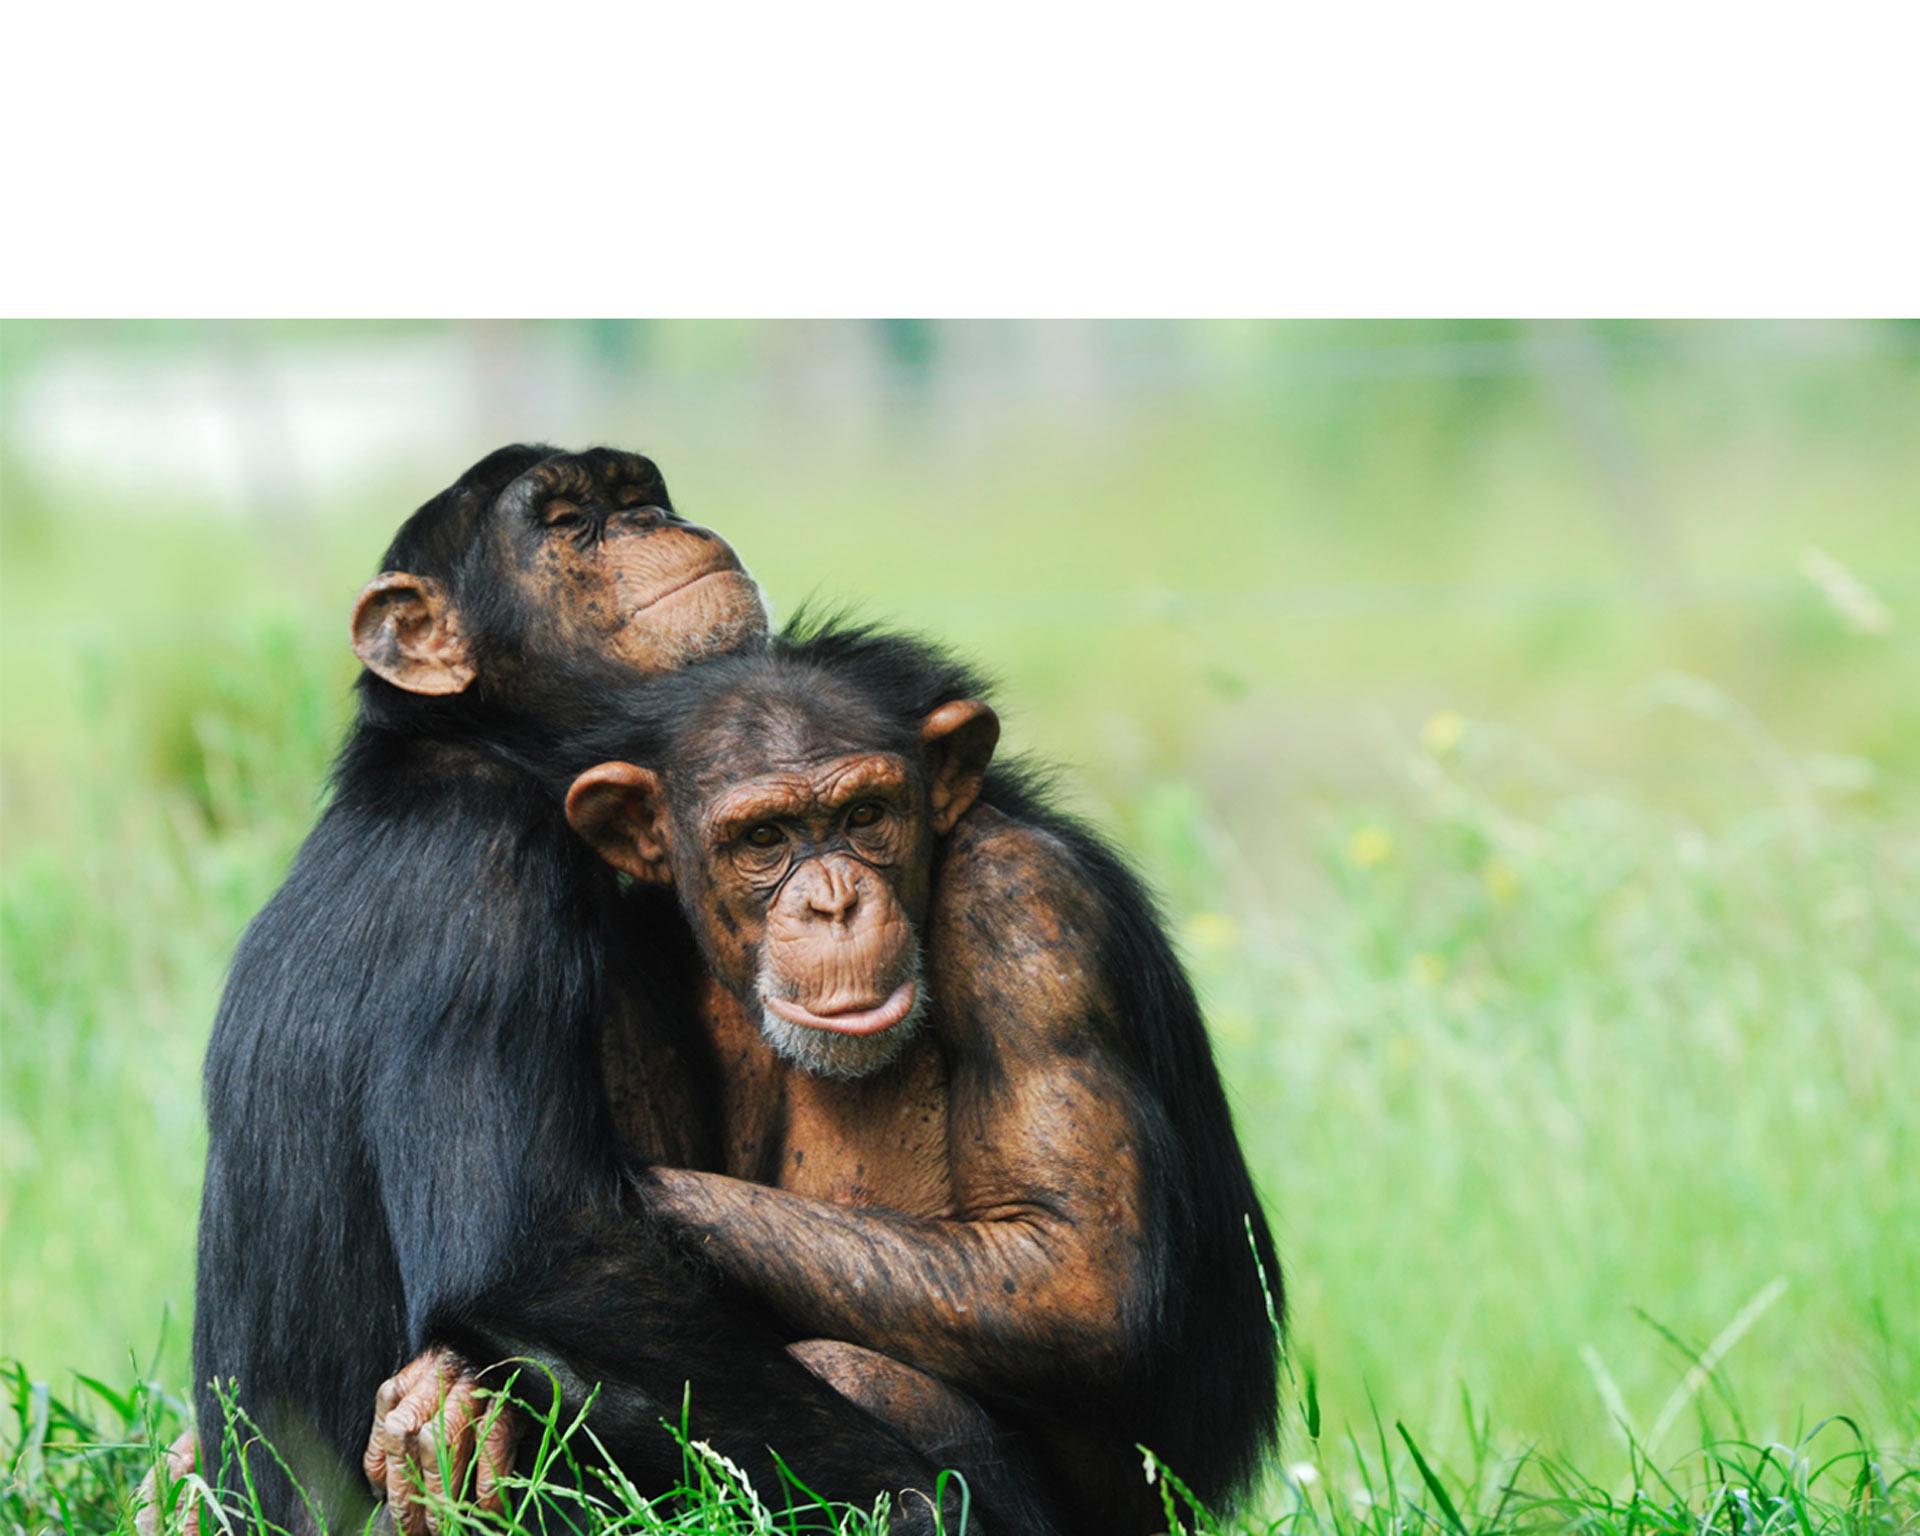 Una organización dedicada a la conservación animal rescató a un chimpancé huérfano, y este les retribuyó la ayuda